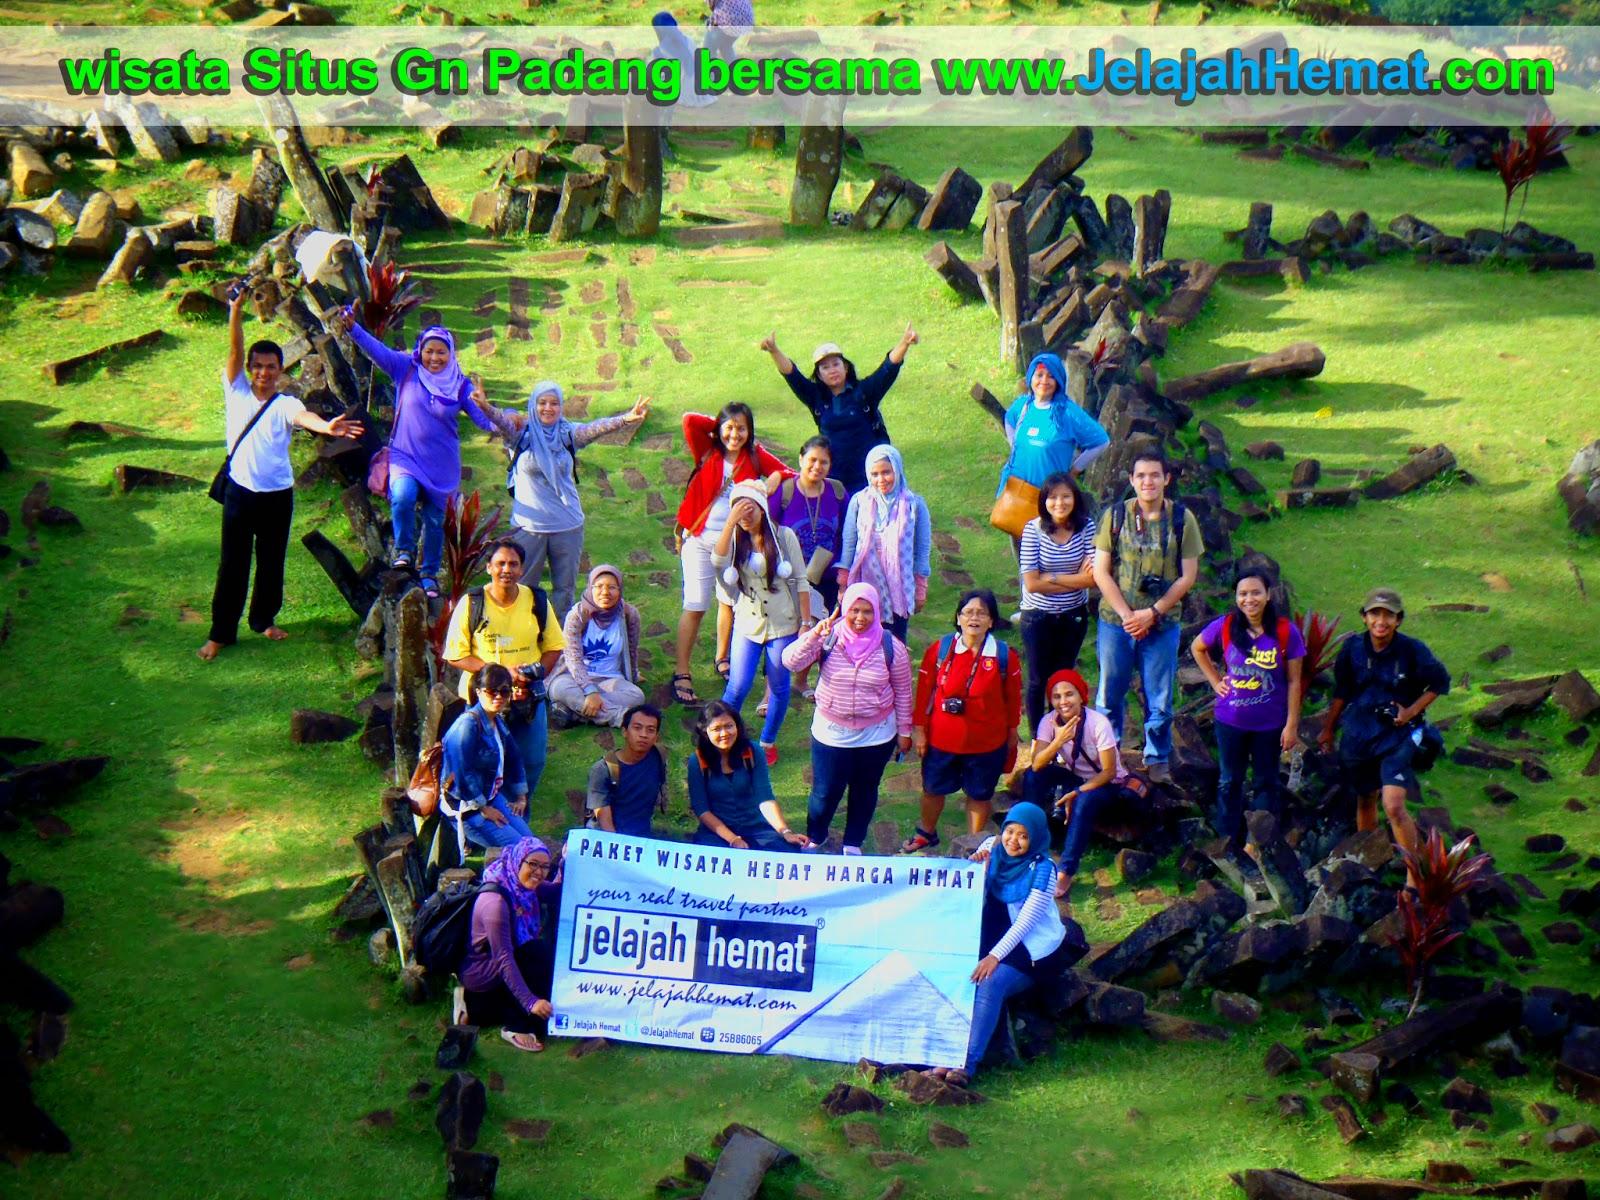 Paket Wisata & Liburan Hemat Gunung Padang Cianjur Hubungi Jelajah Hemat